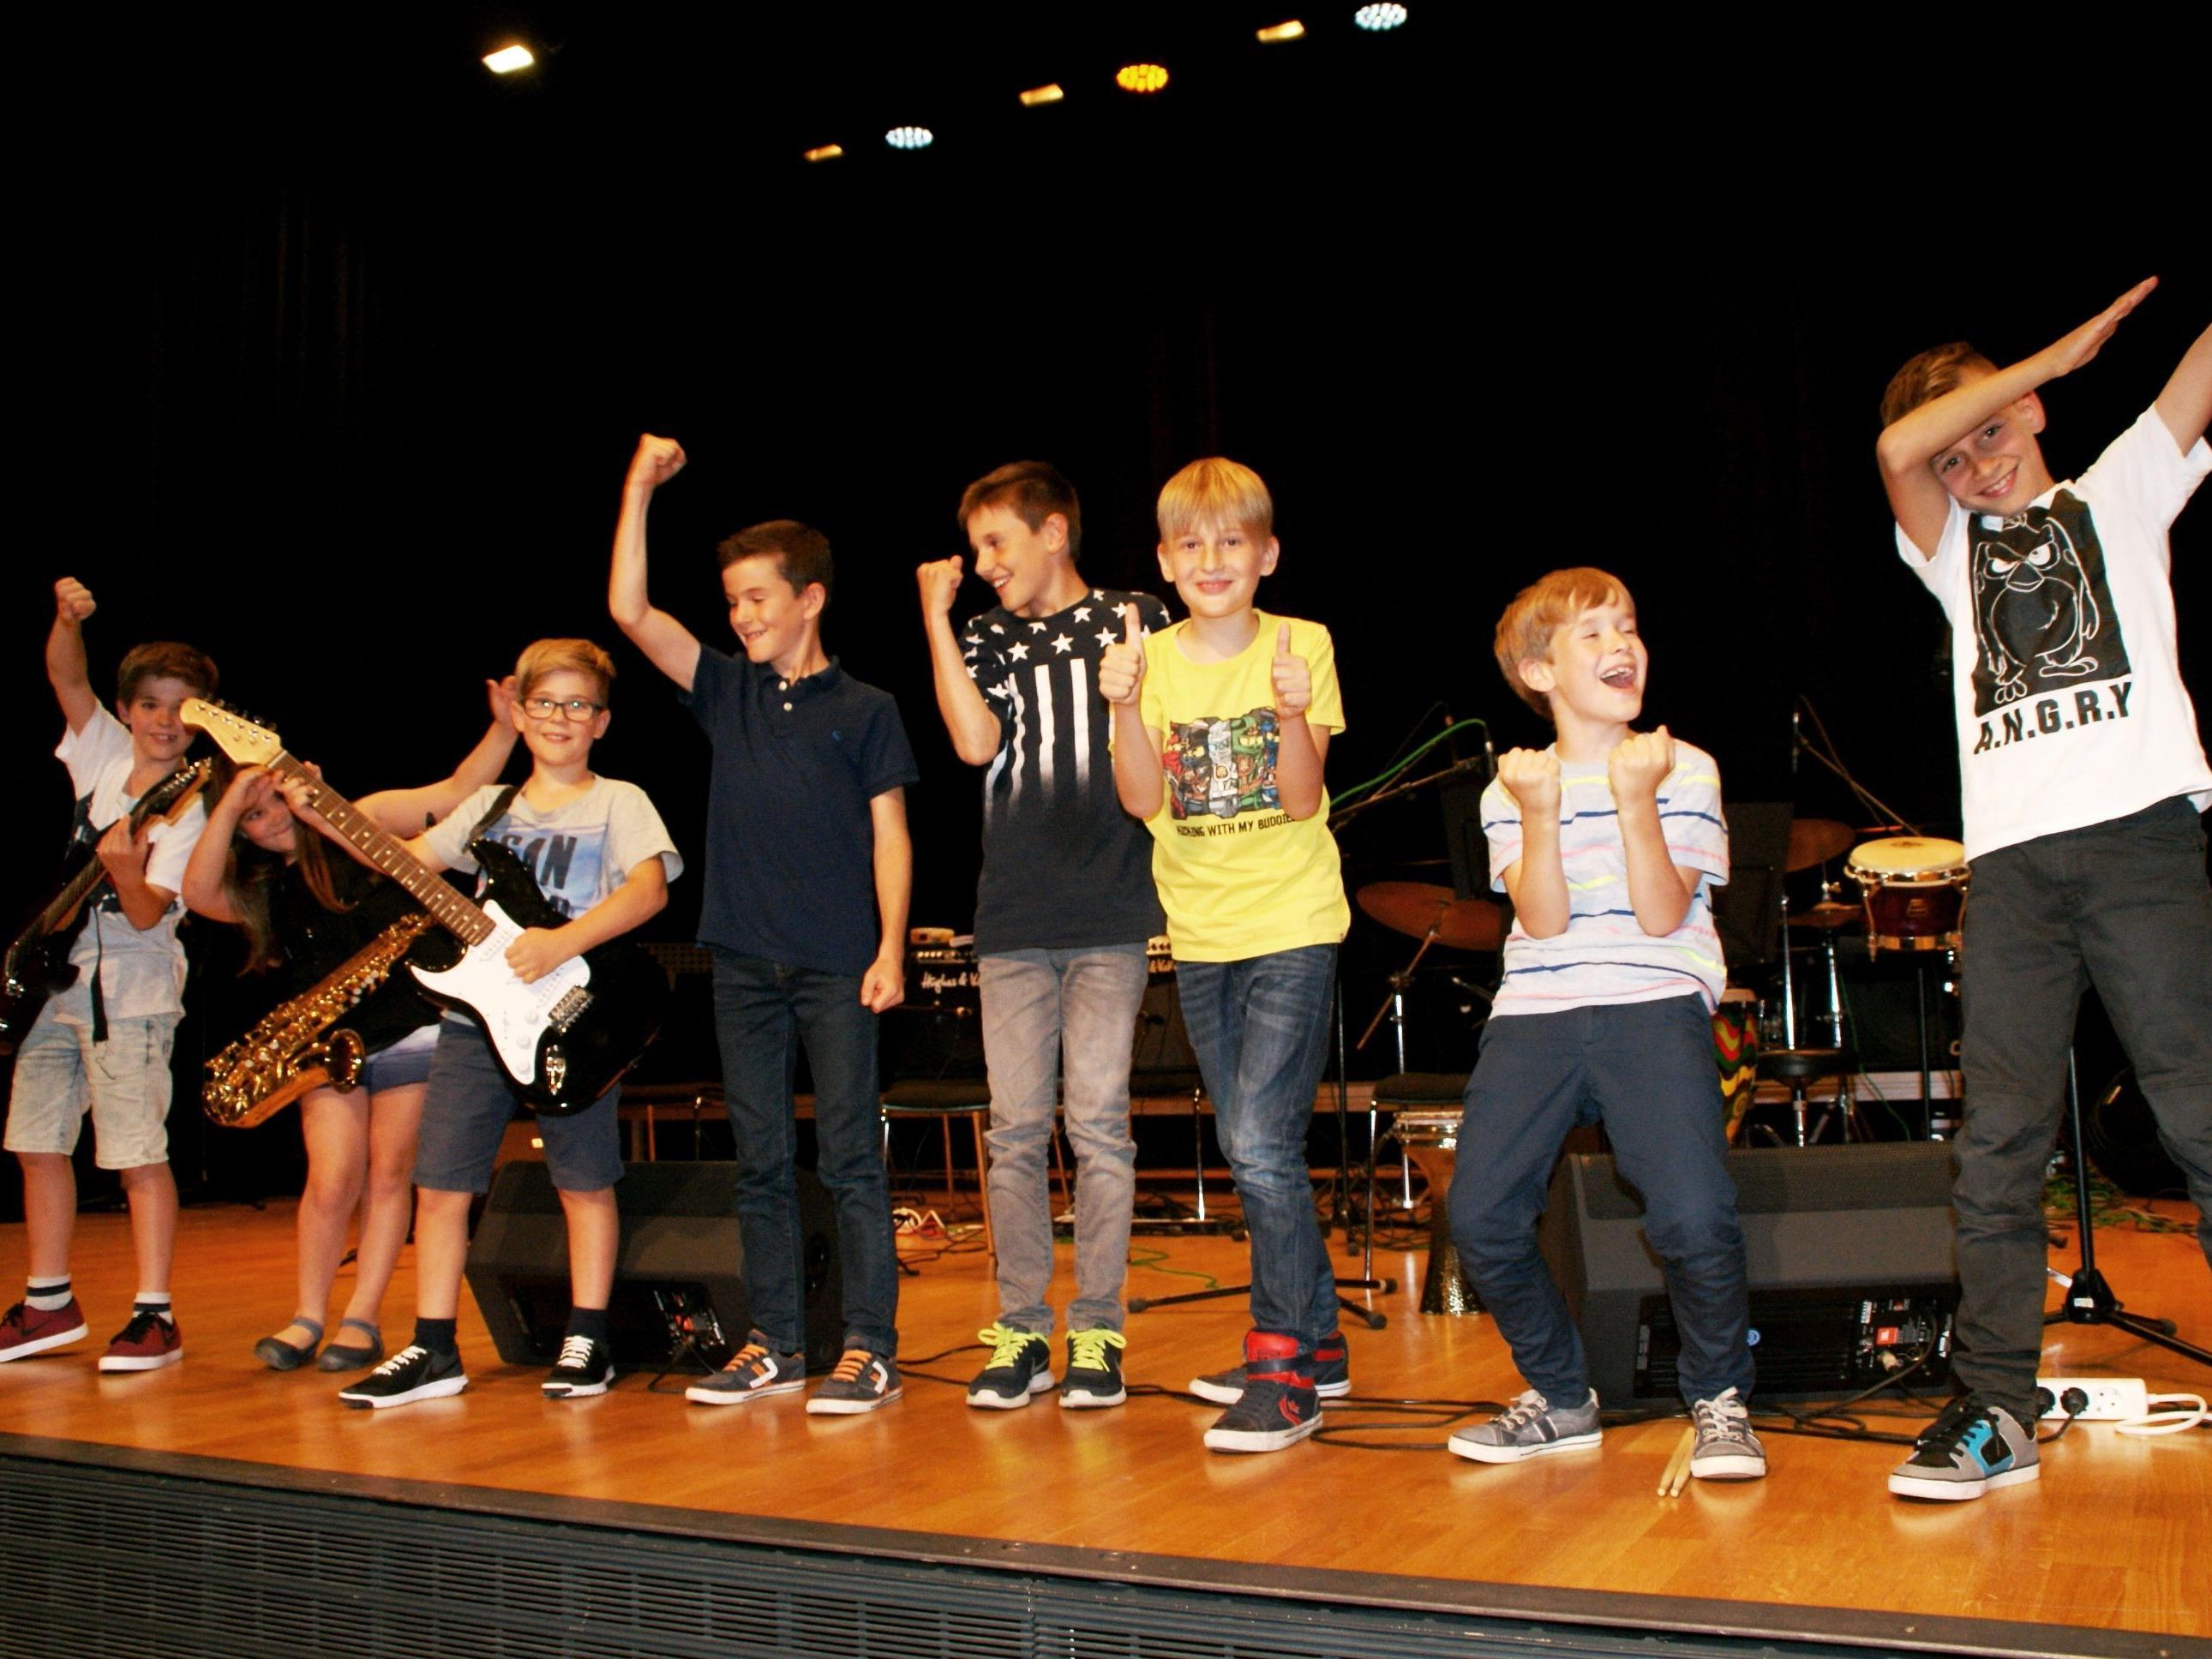 Die Kids rockten im KOM - das Publikum war begeistert!